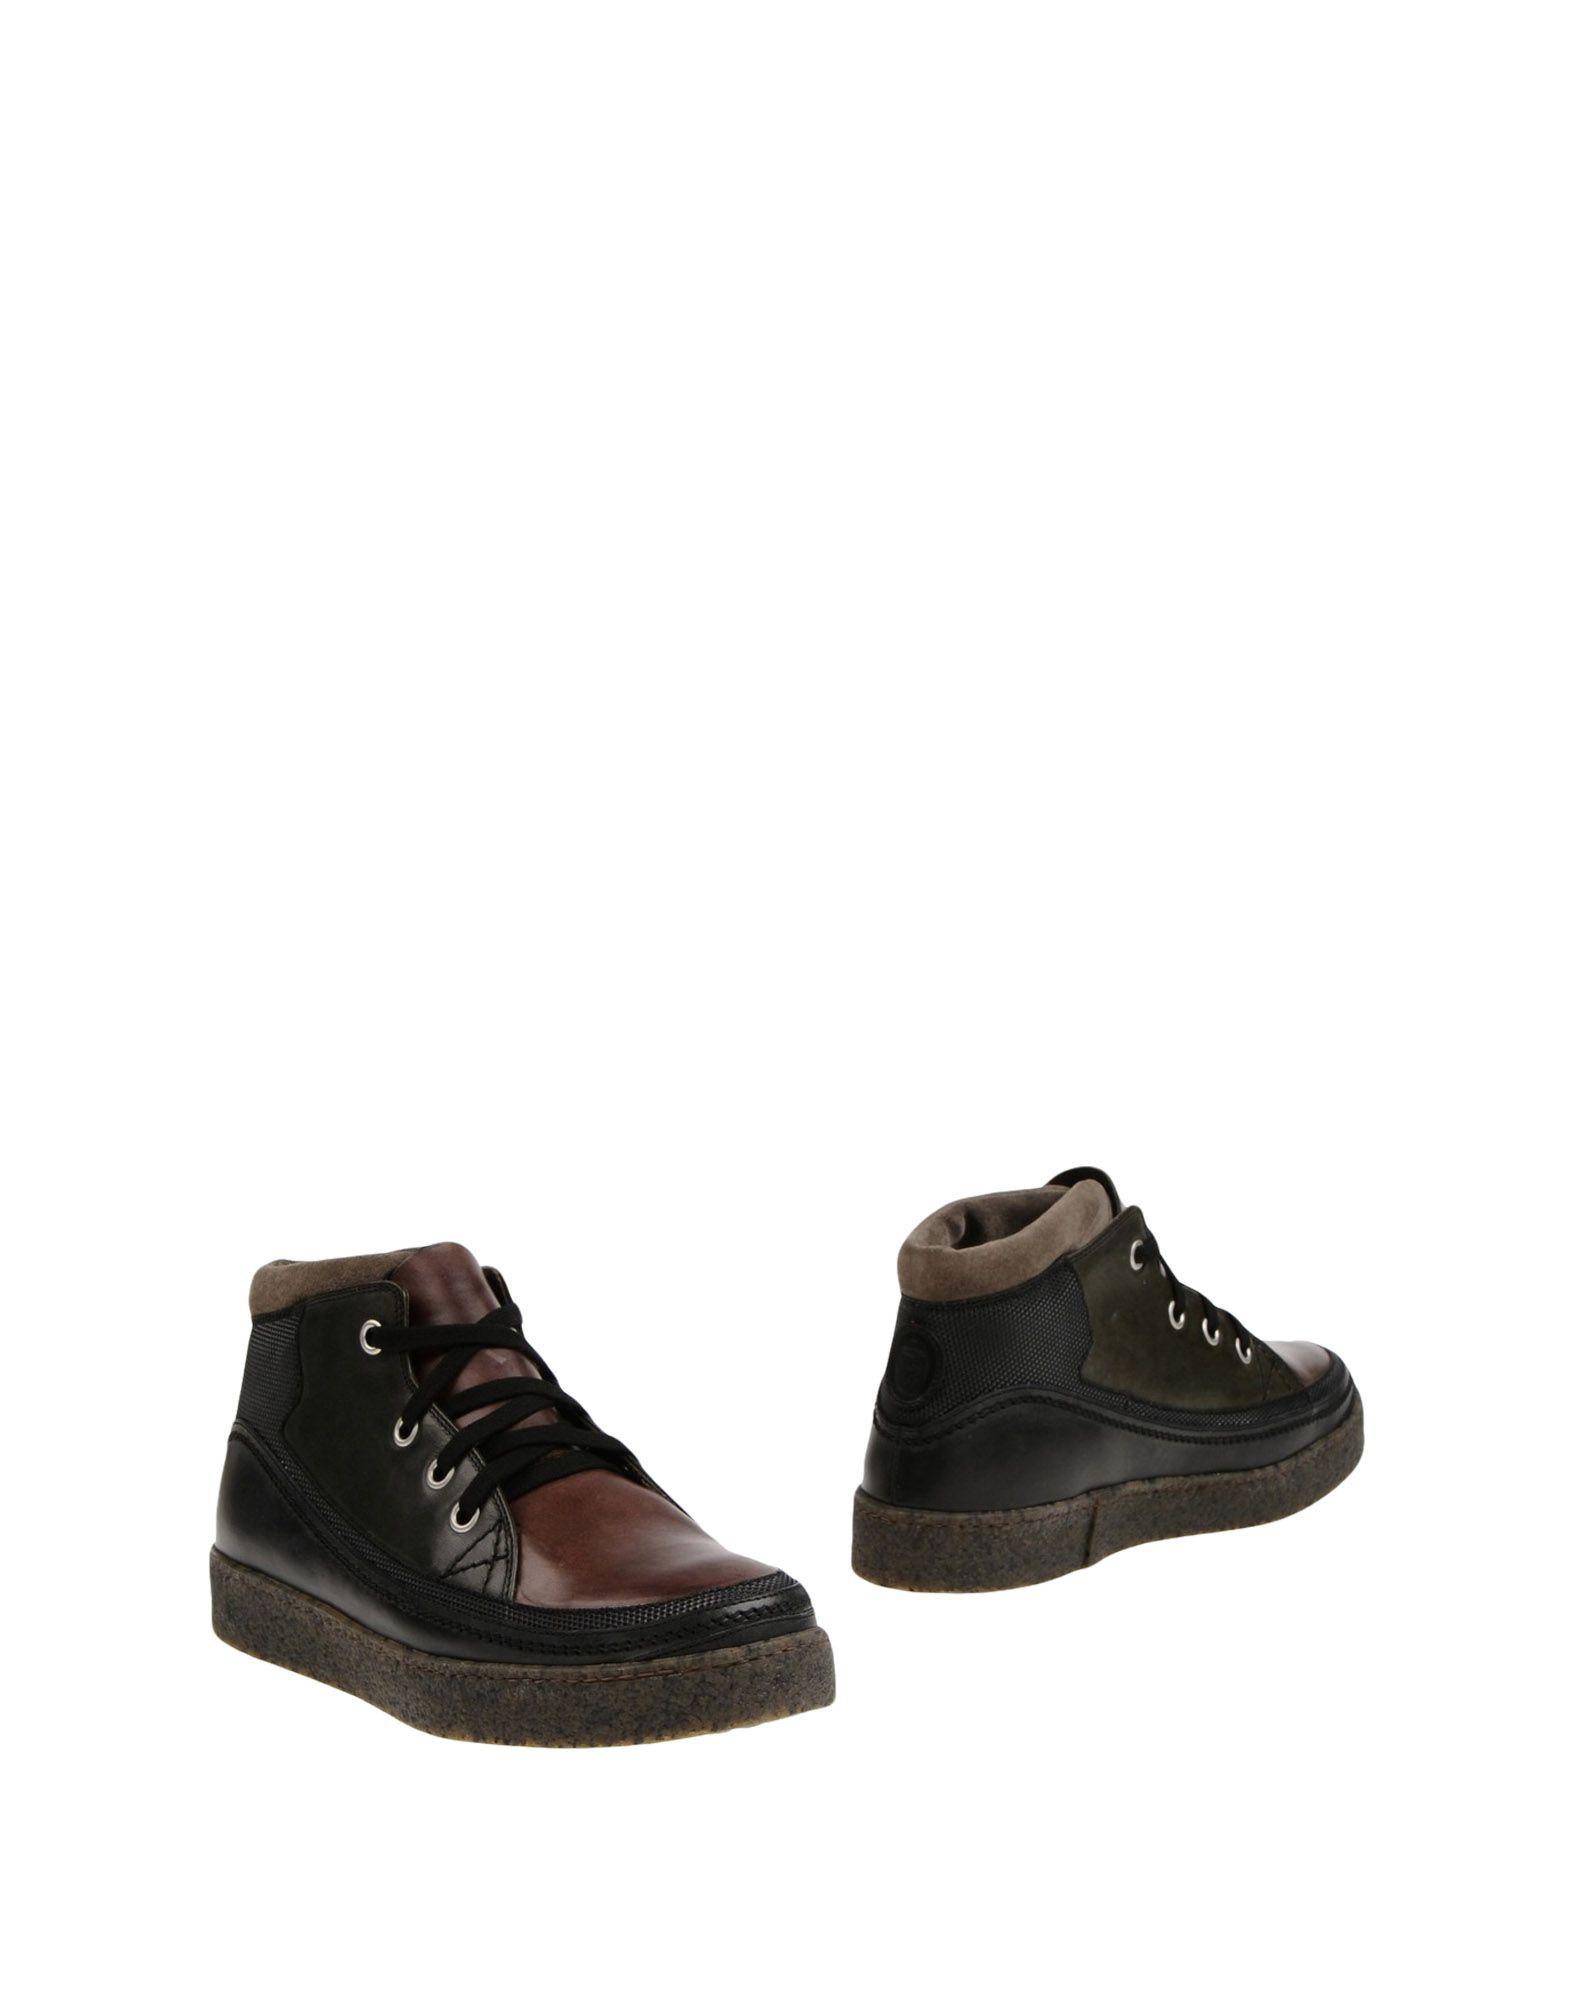 Günstige und modische Schuhe Trussardi Stiefelette Herren  11407343QD